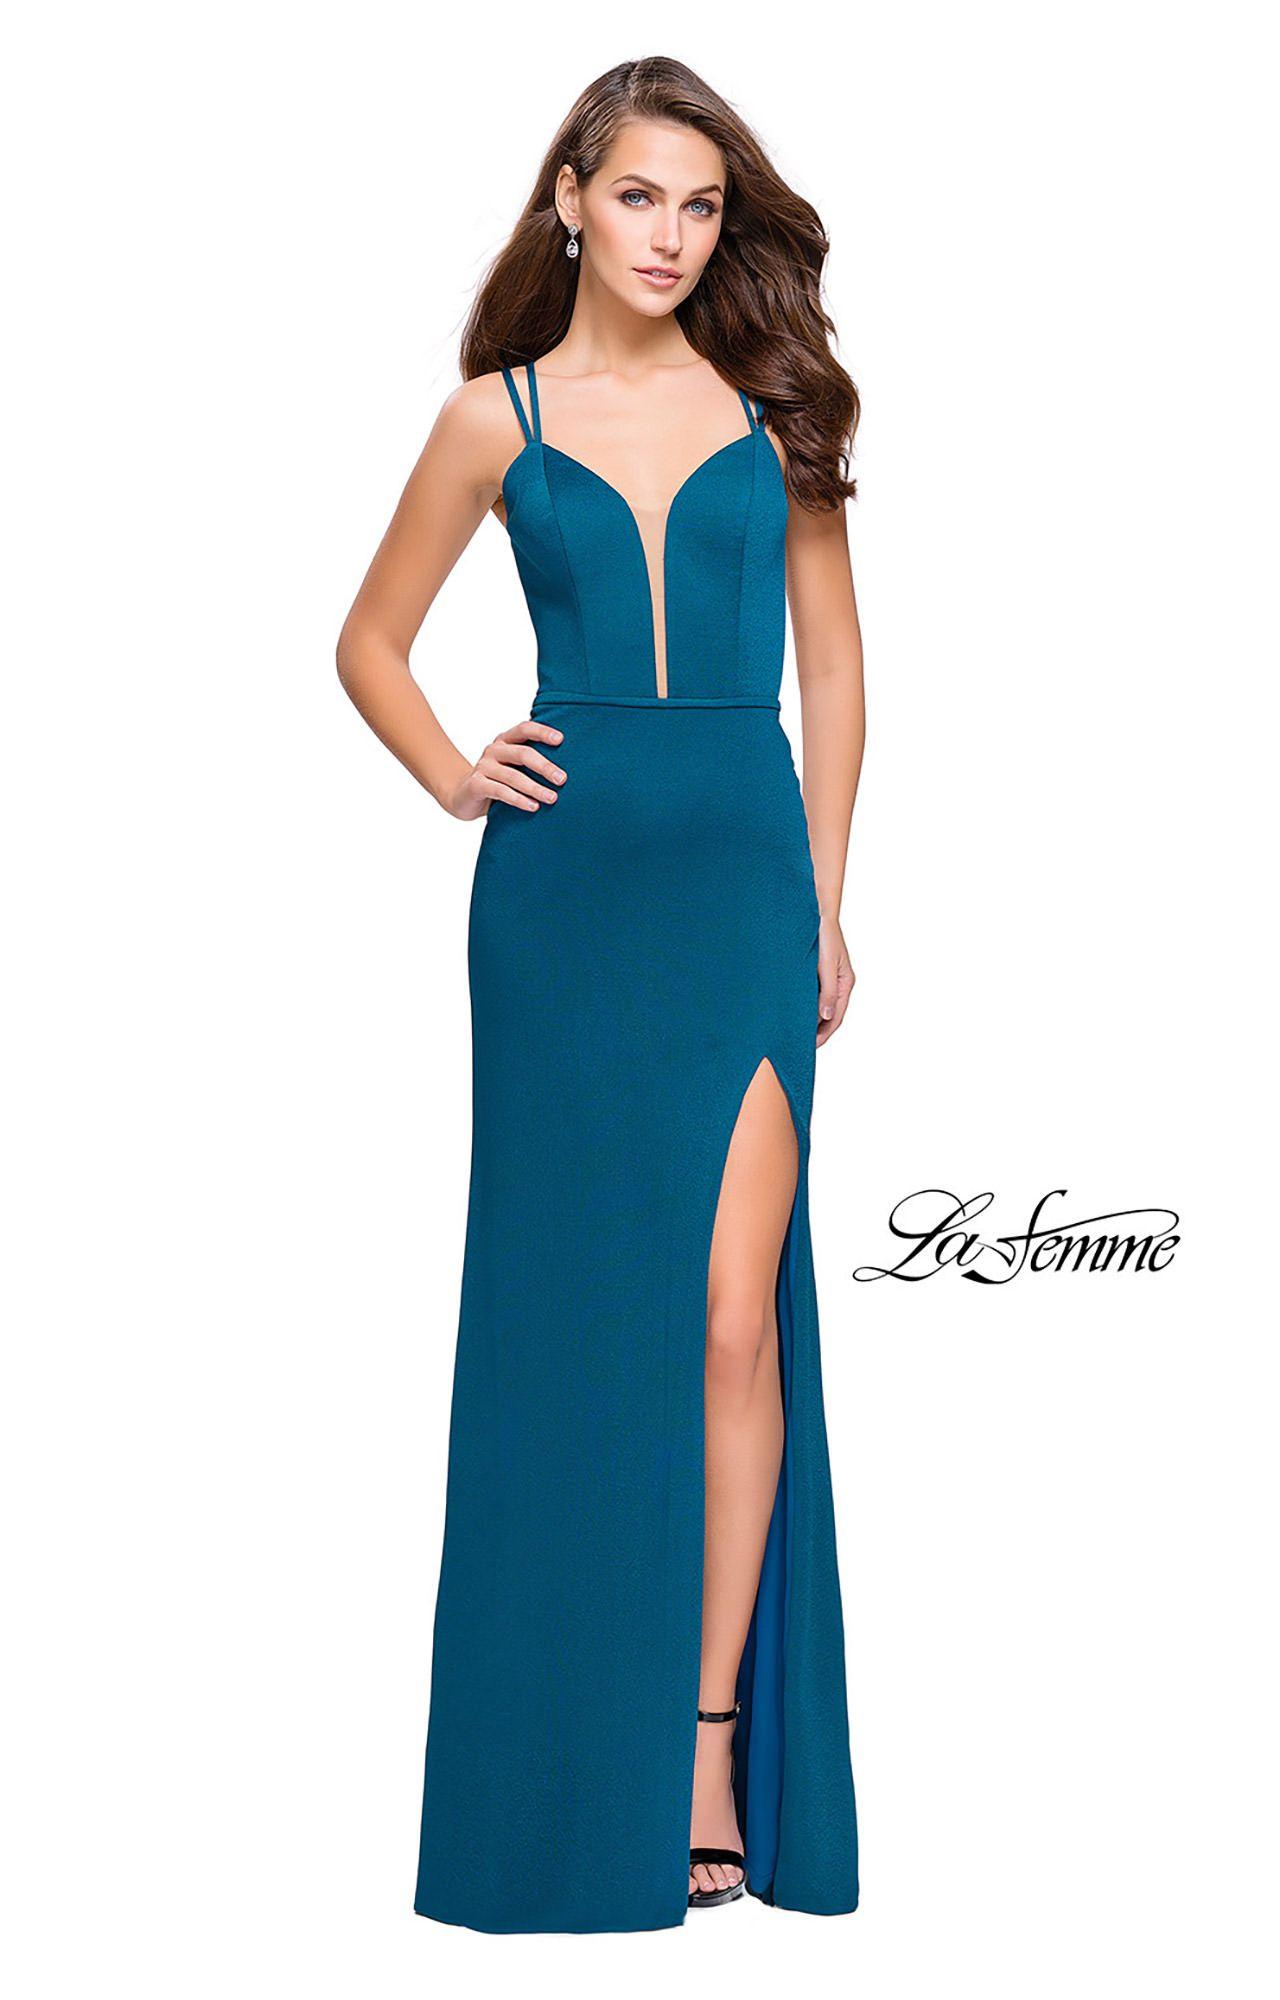 La Femme 26023 - Long Fitted Jersey Prom Dress